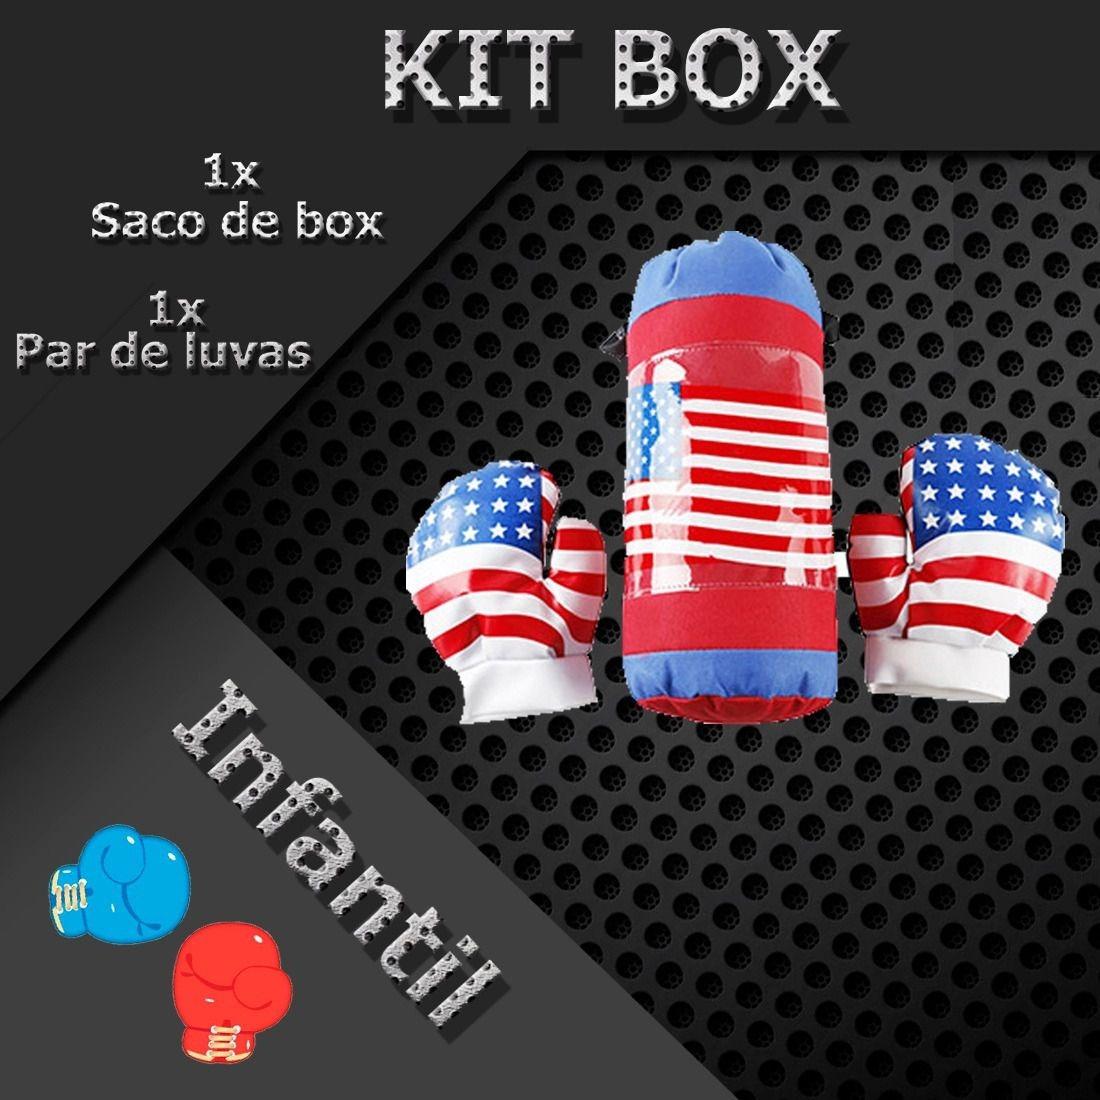 257bdbb4a6ecd Brinquedo Kit Saco Boxe Esporte Jogo Atacado Diversão Treino - R  45 ...